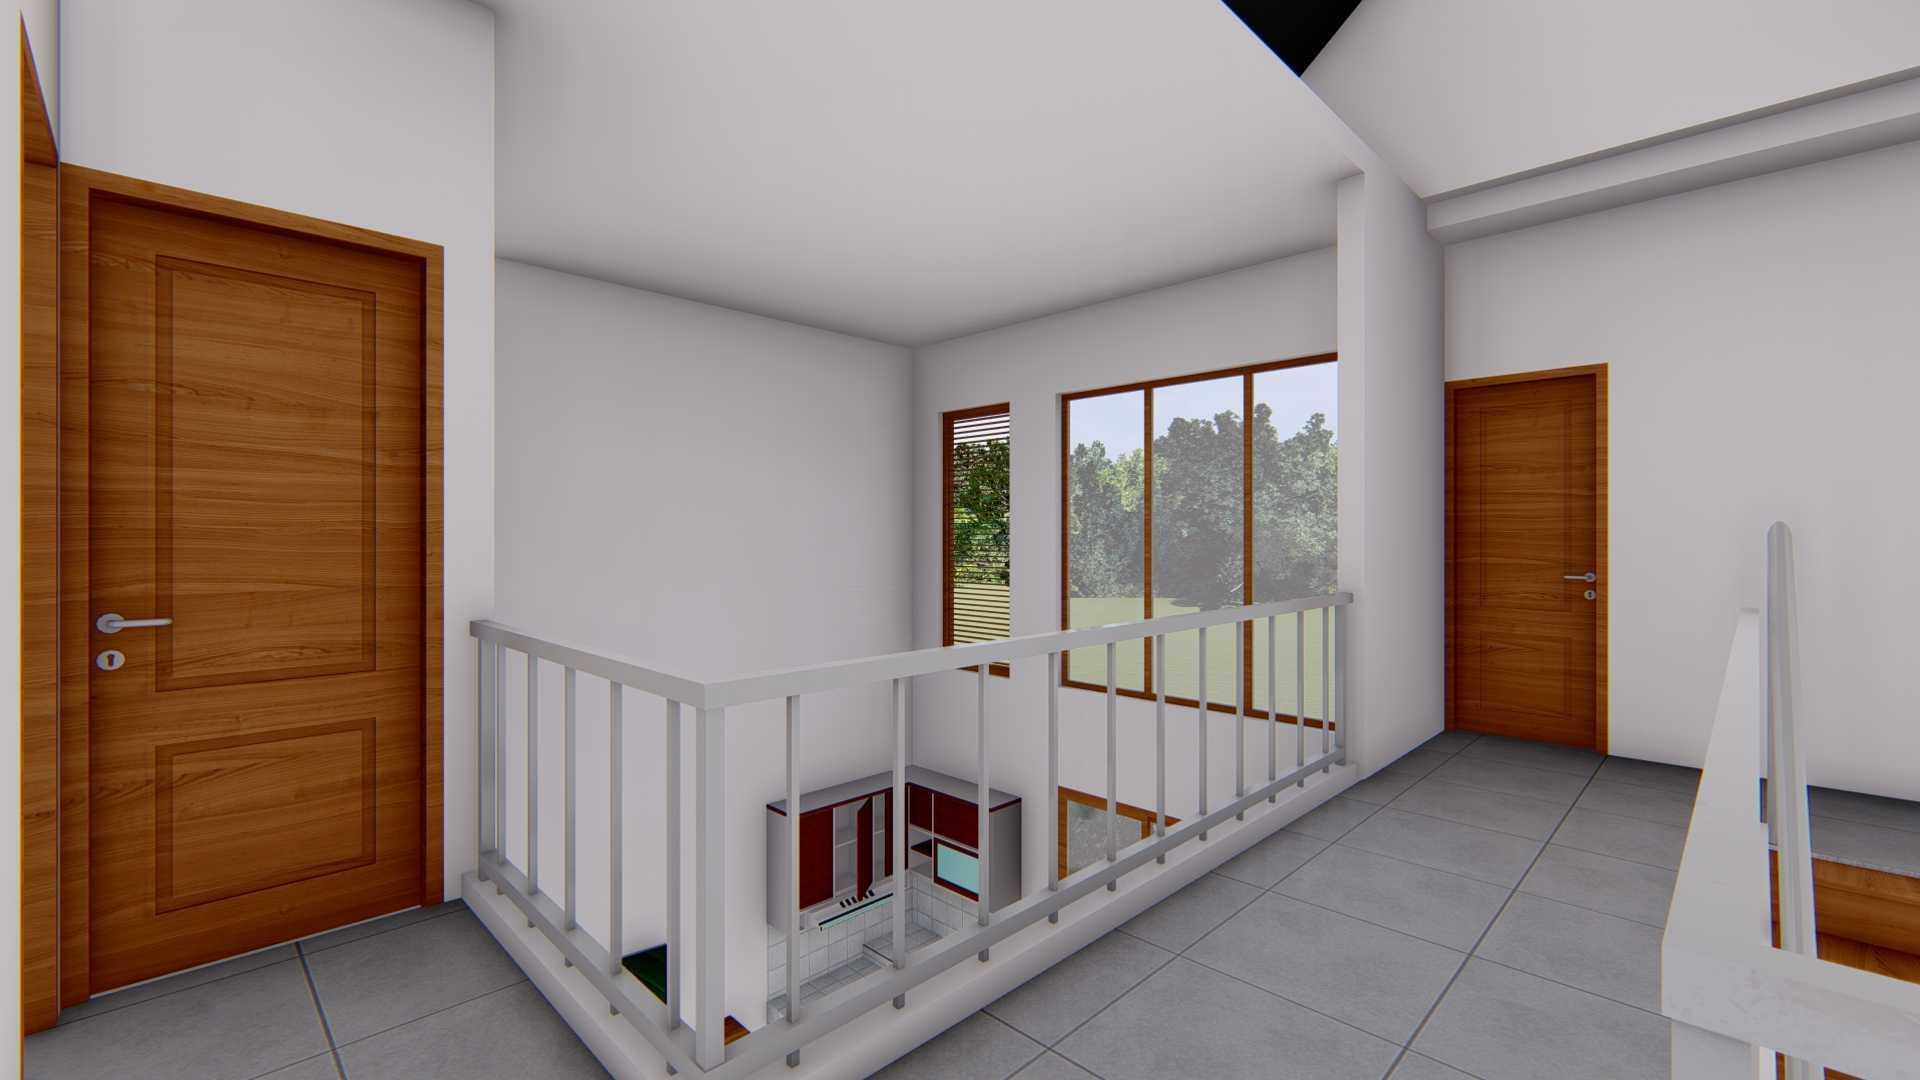 Astabumi Studio Sm House Pemalang Pemalang, Kec. Pemalang, Kabupaten Pemalang, Jawa Tengah, Indonesia Surabaya Cv-Astabumi-Manunggal-Prakarsa-Sm-House-Pemalang  119285